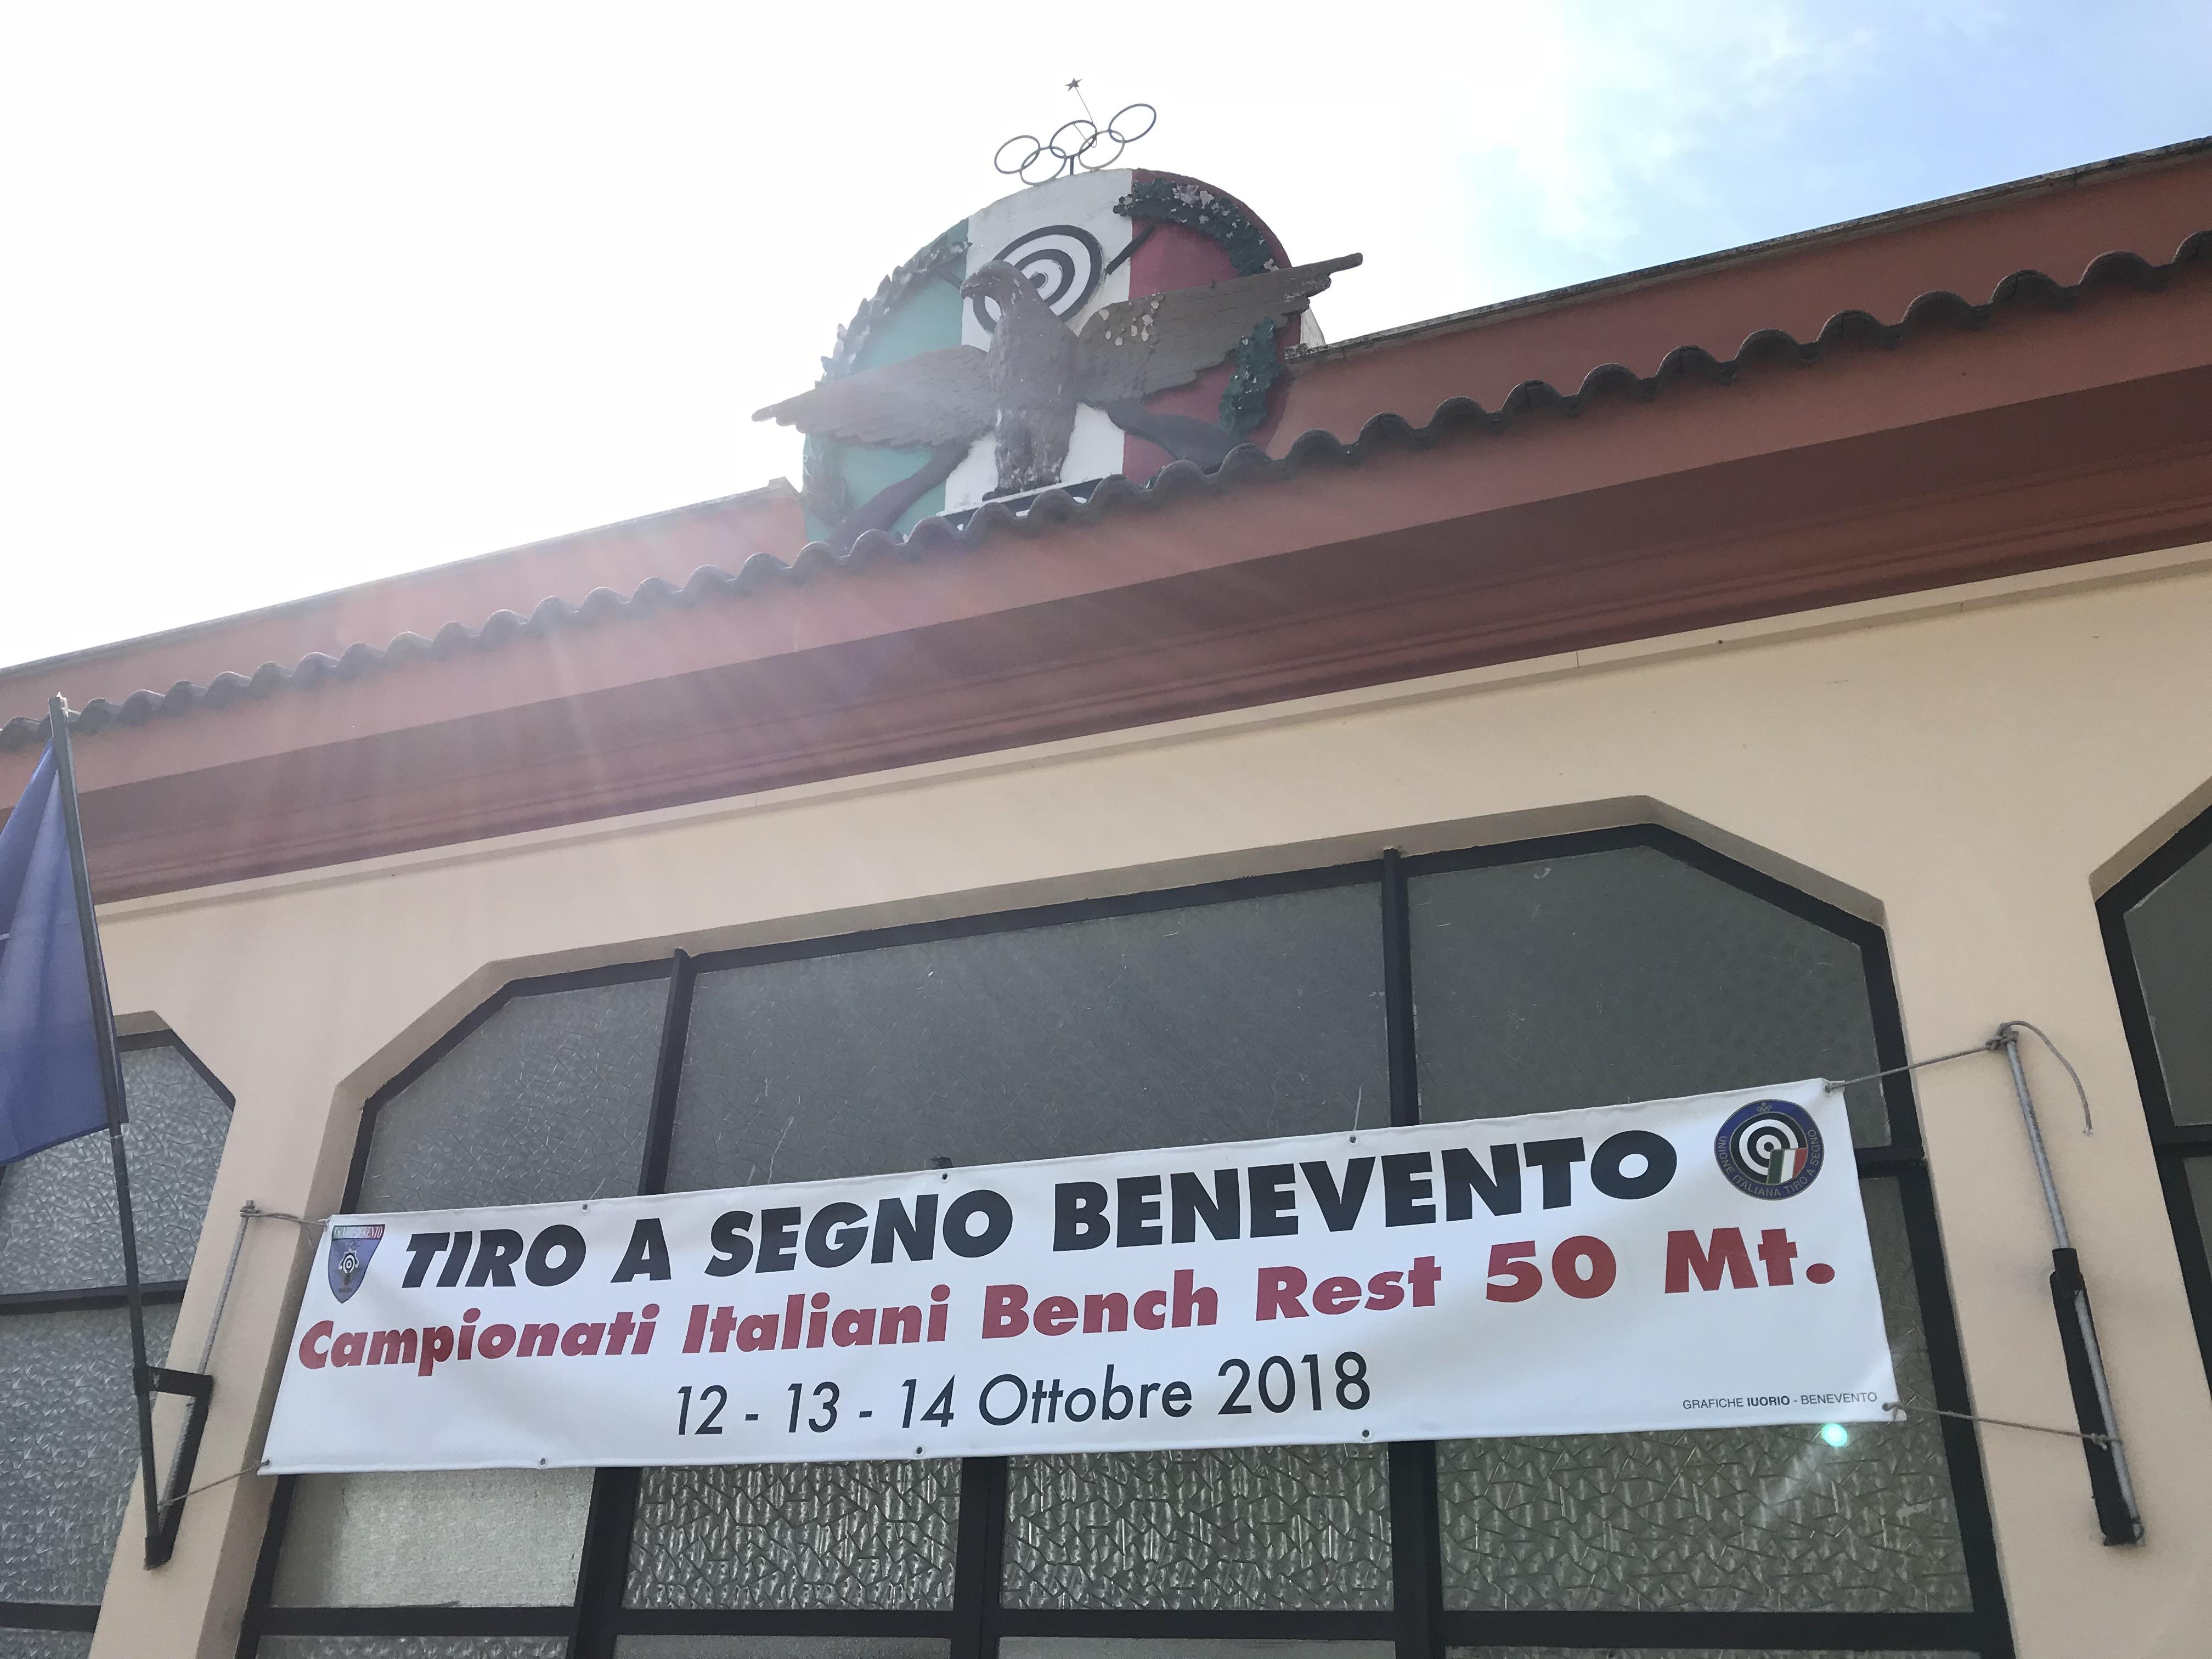 Benevento  Tiro a segno nazionale, una tre giorni di finali del campionato